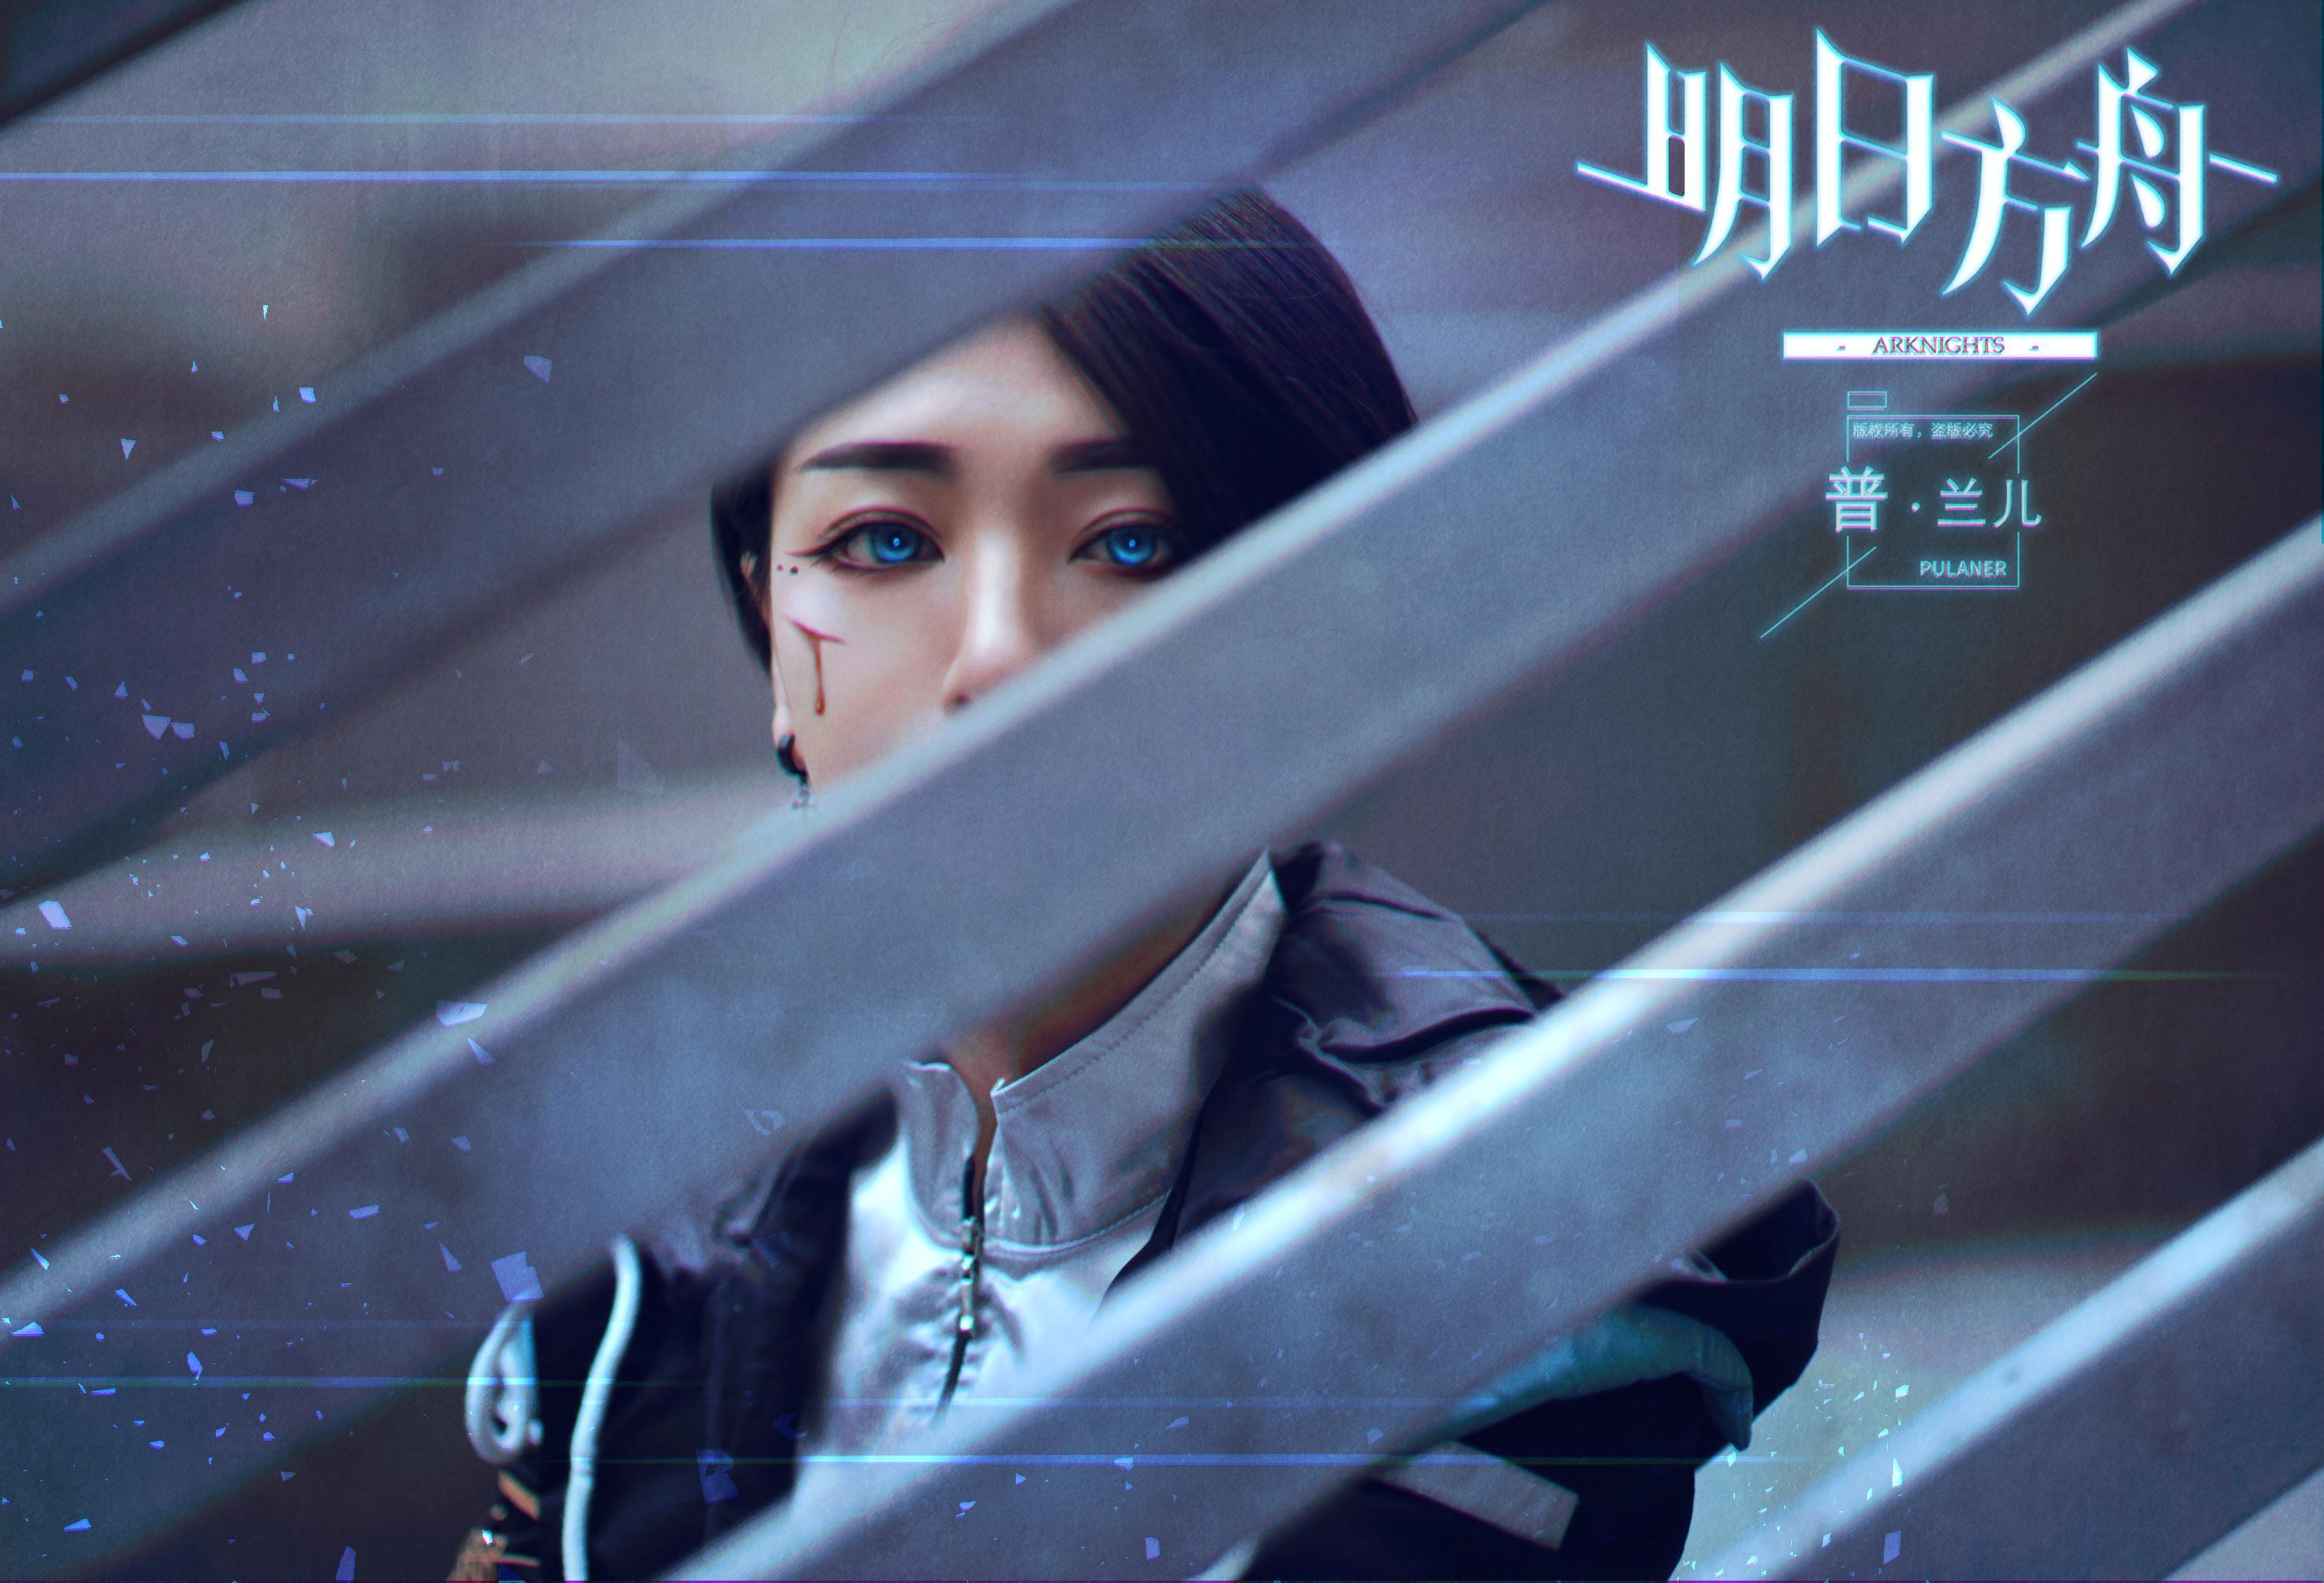 《明日方舟》同人cosplay【CN:普兰儿】-第5张